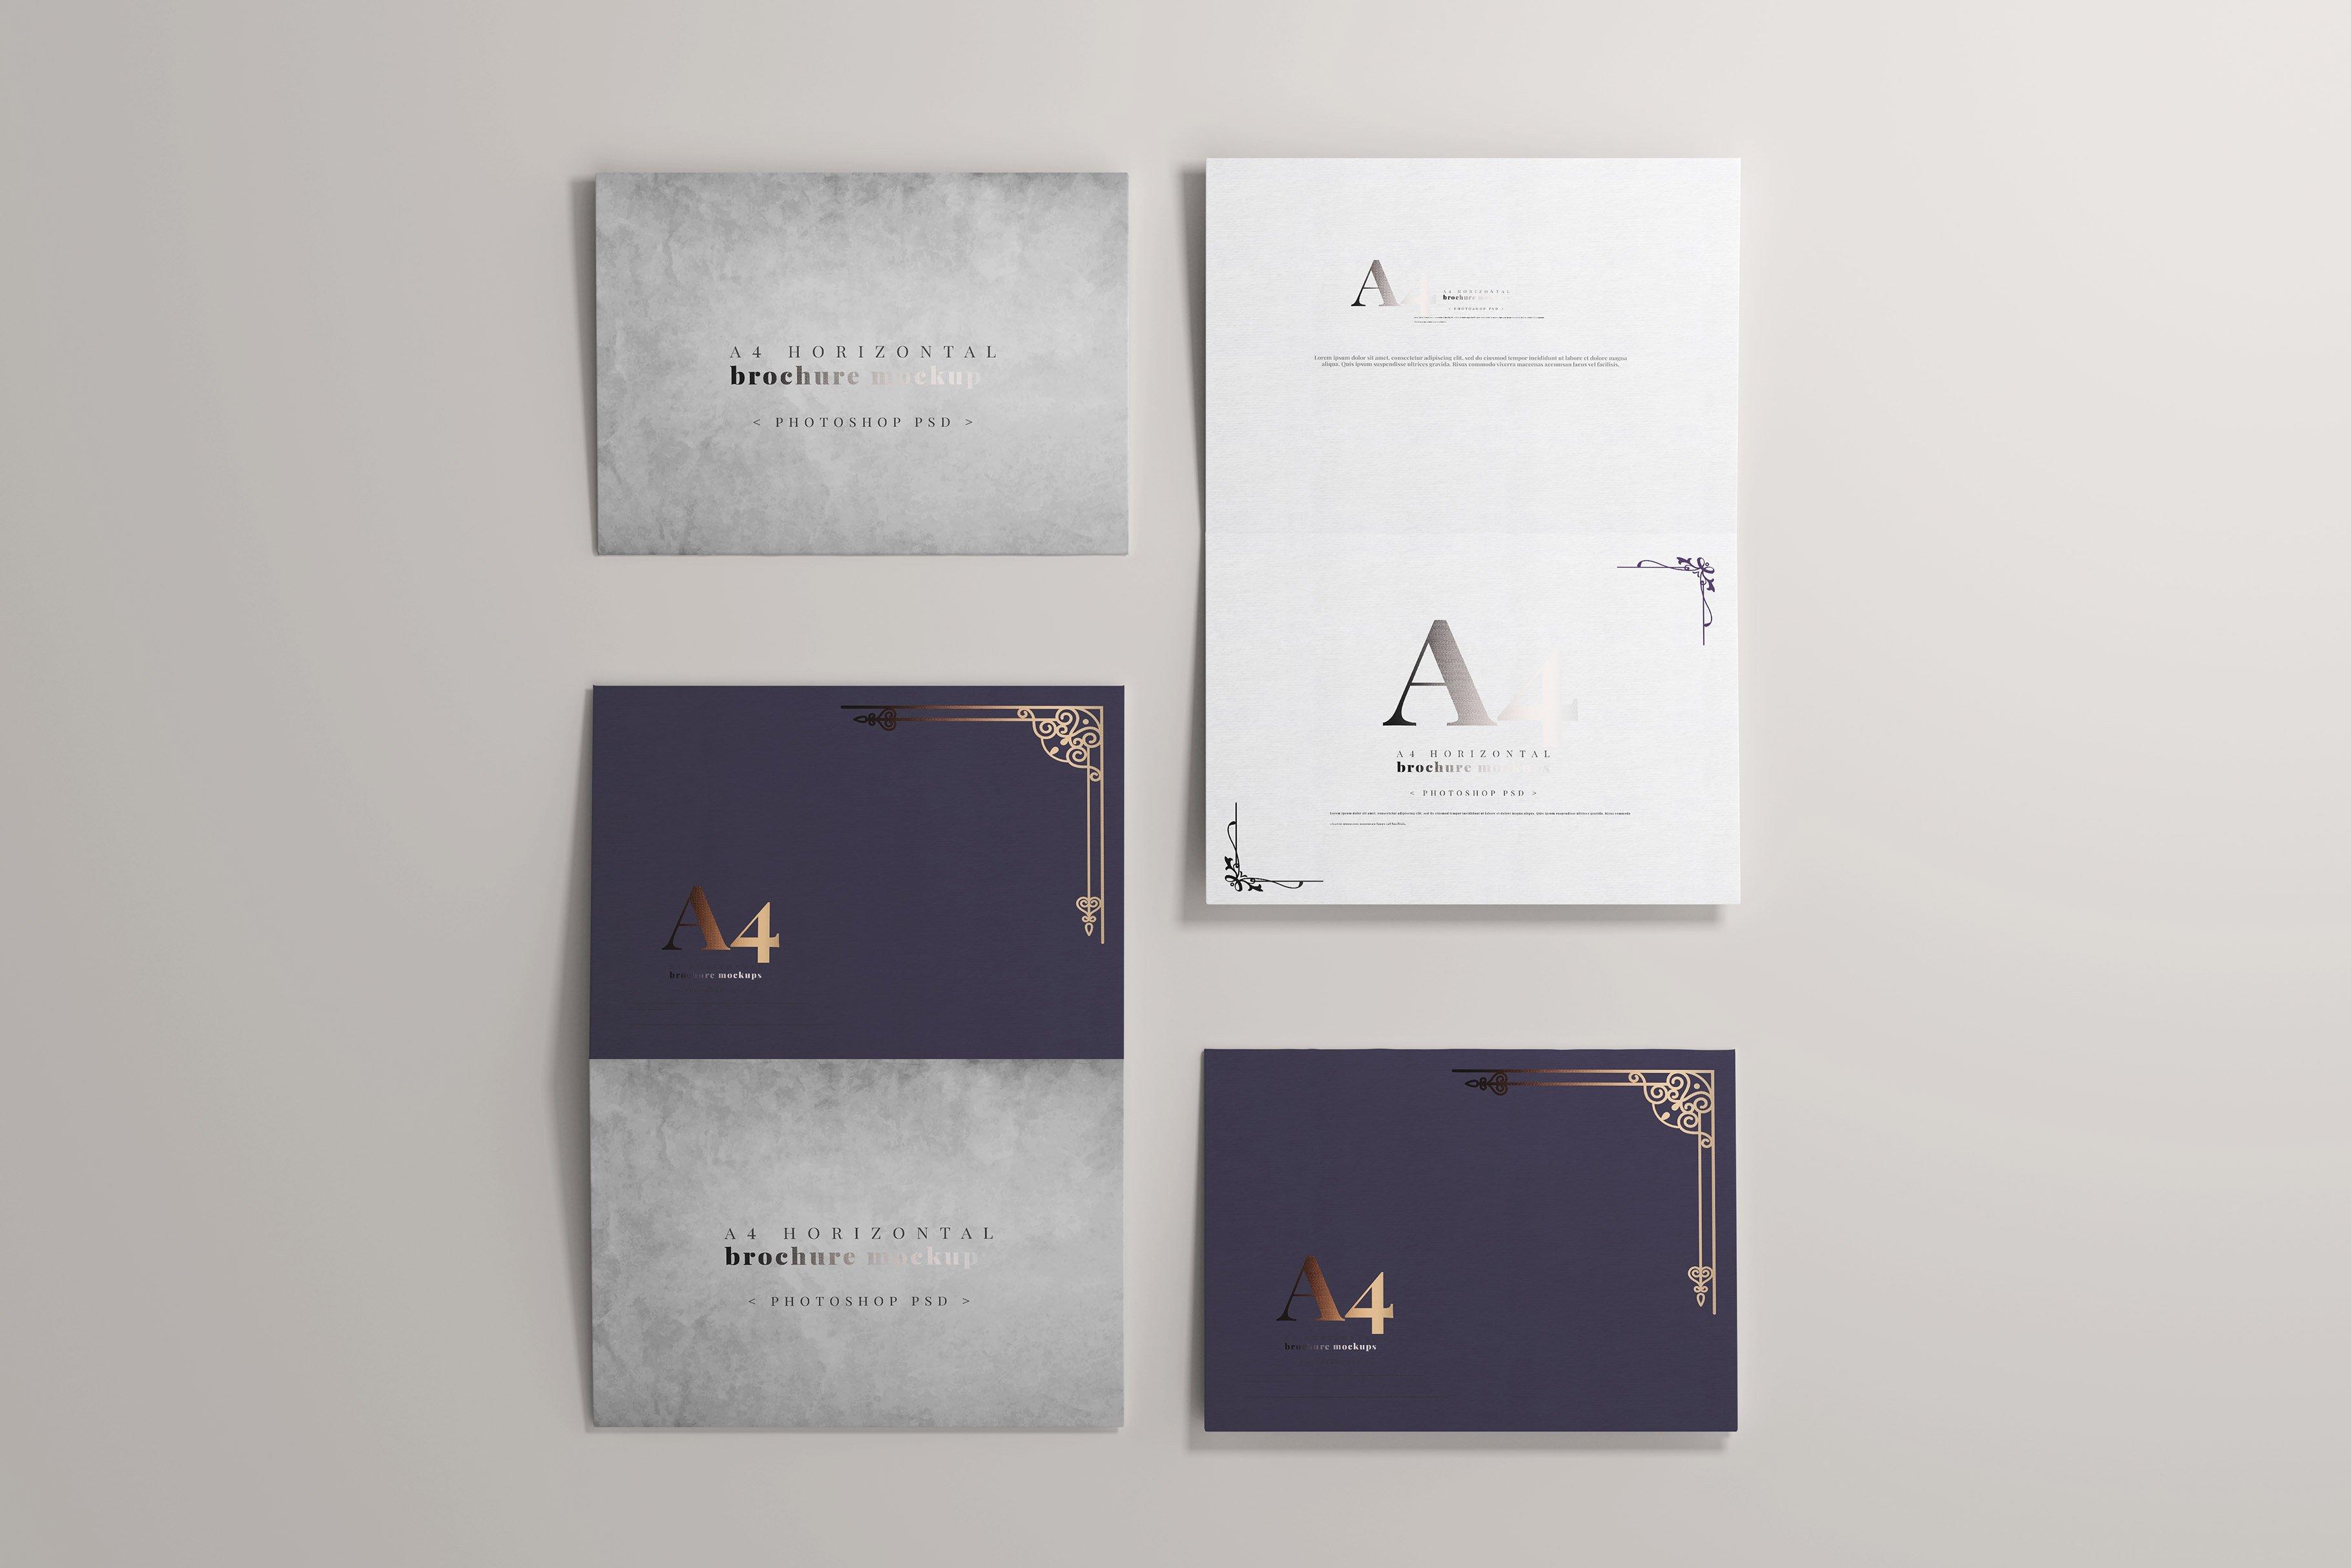 8款烫印效果A4横向两折页小册子设计展示贴图PSD样机模板 A4 Bi-Fold Horizontal Mockups插图